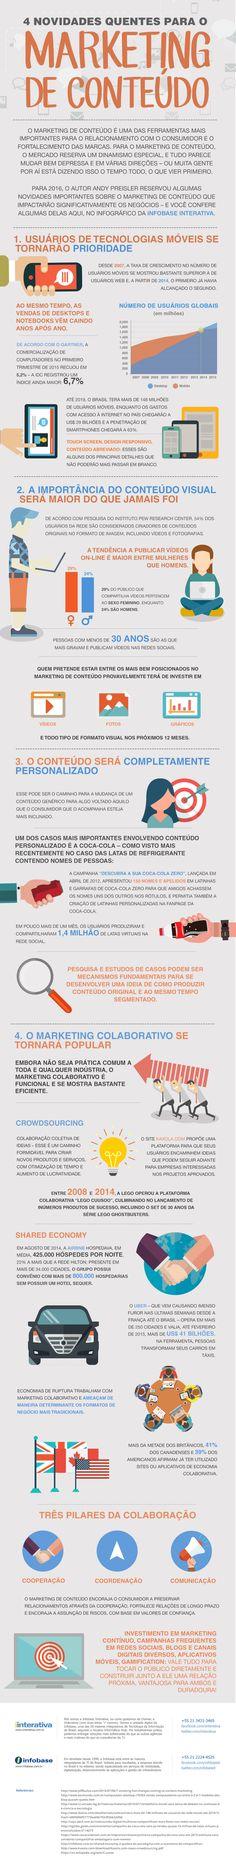 Infográfico: 4 Novidades Quentes Para o Marketing de Conteúdo